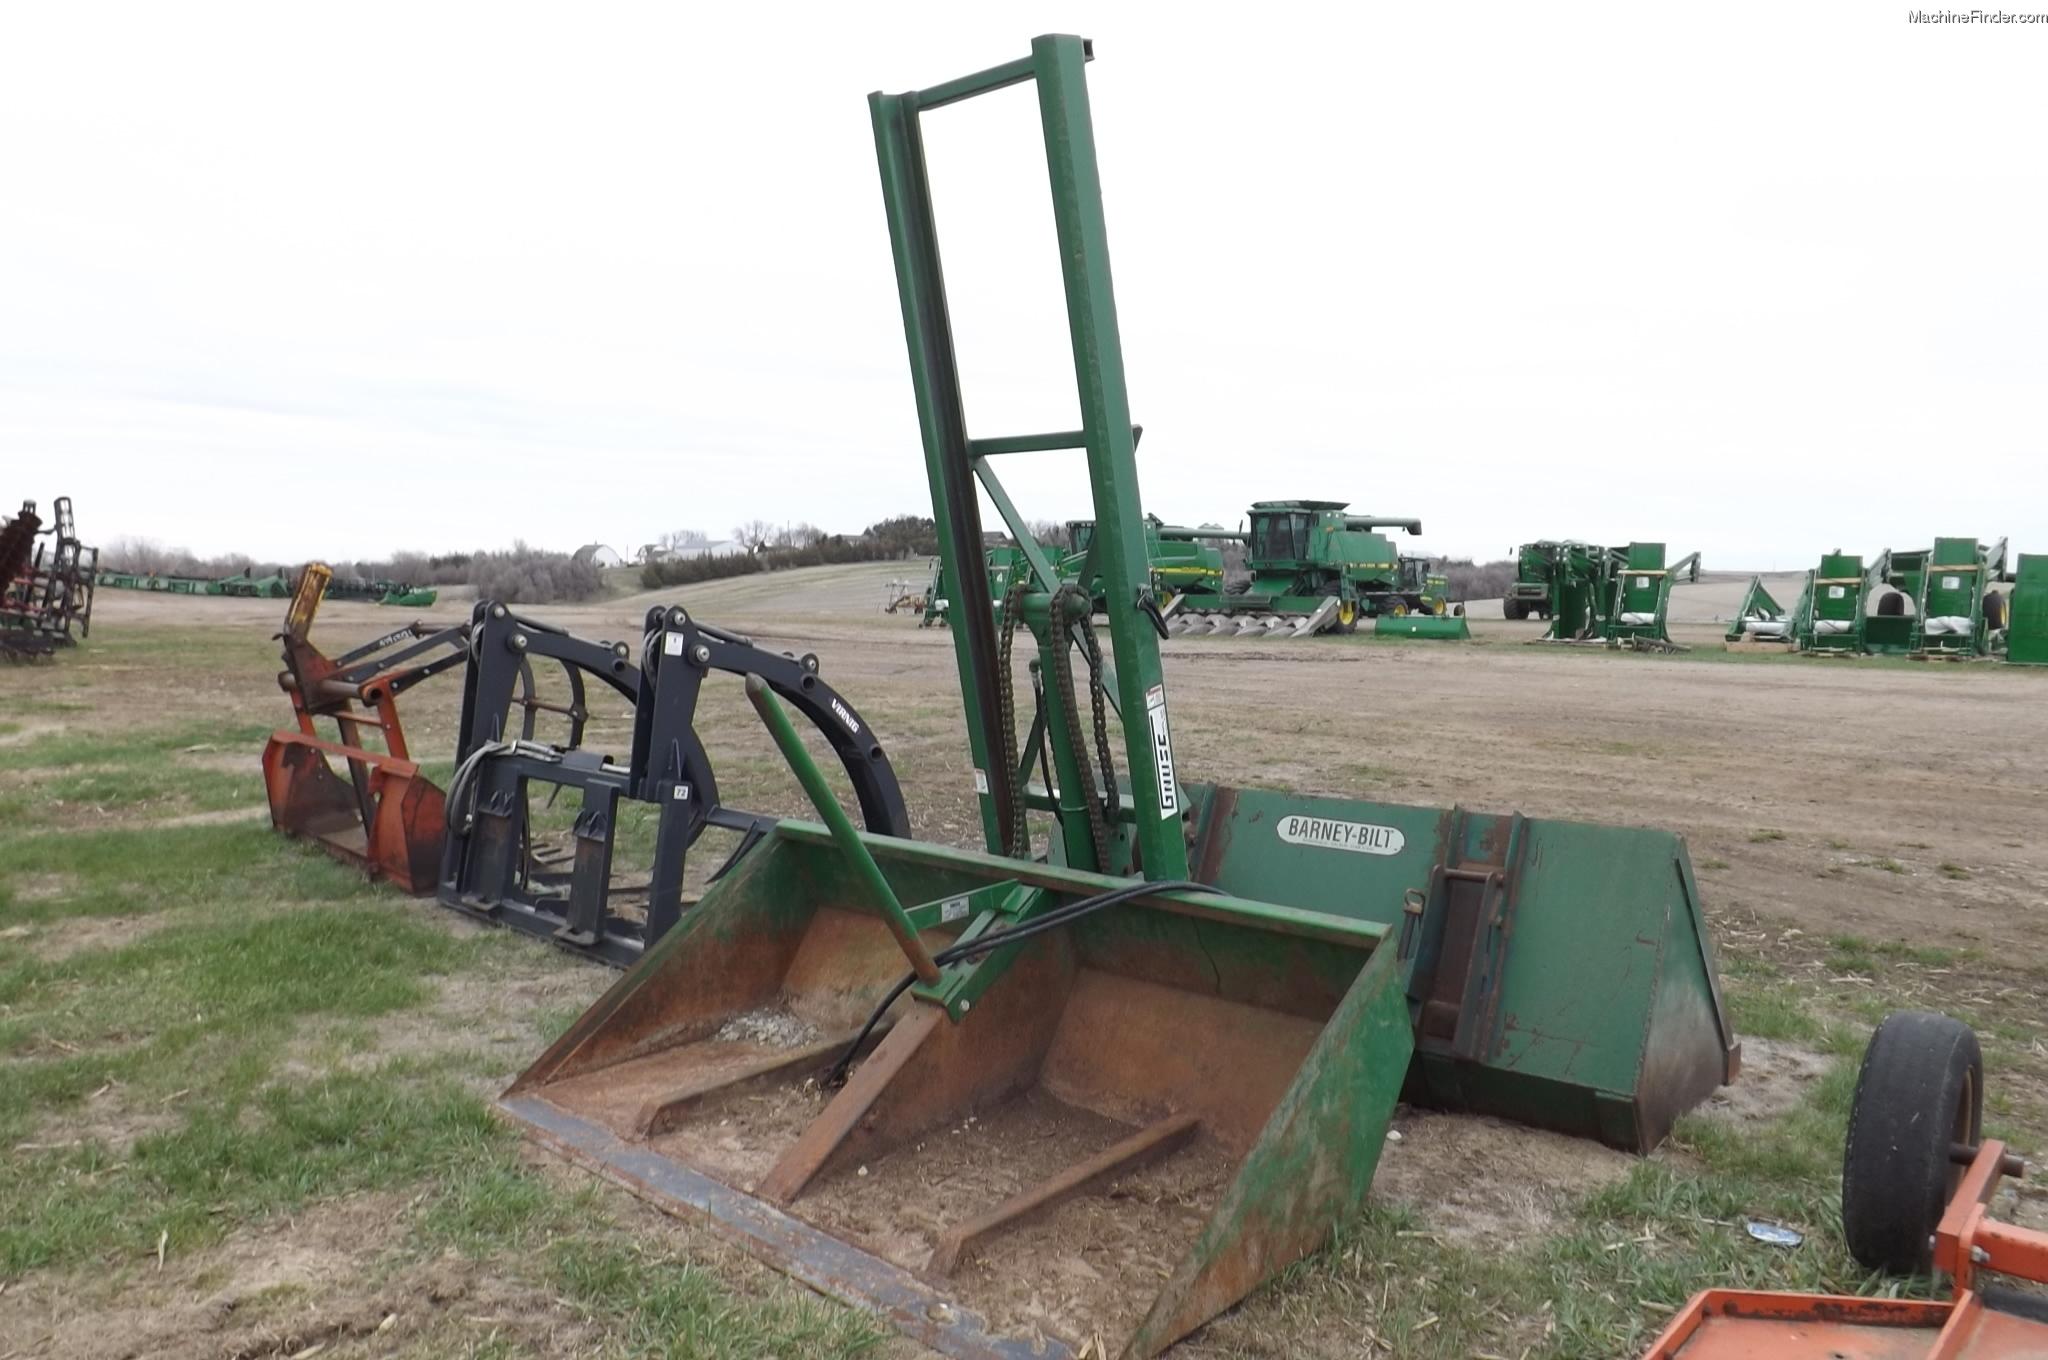 Tractor Bucket Hoist : Gnuse hs high lift bucket tractor loaders john deere